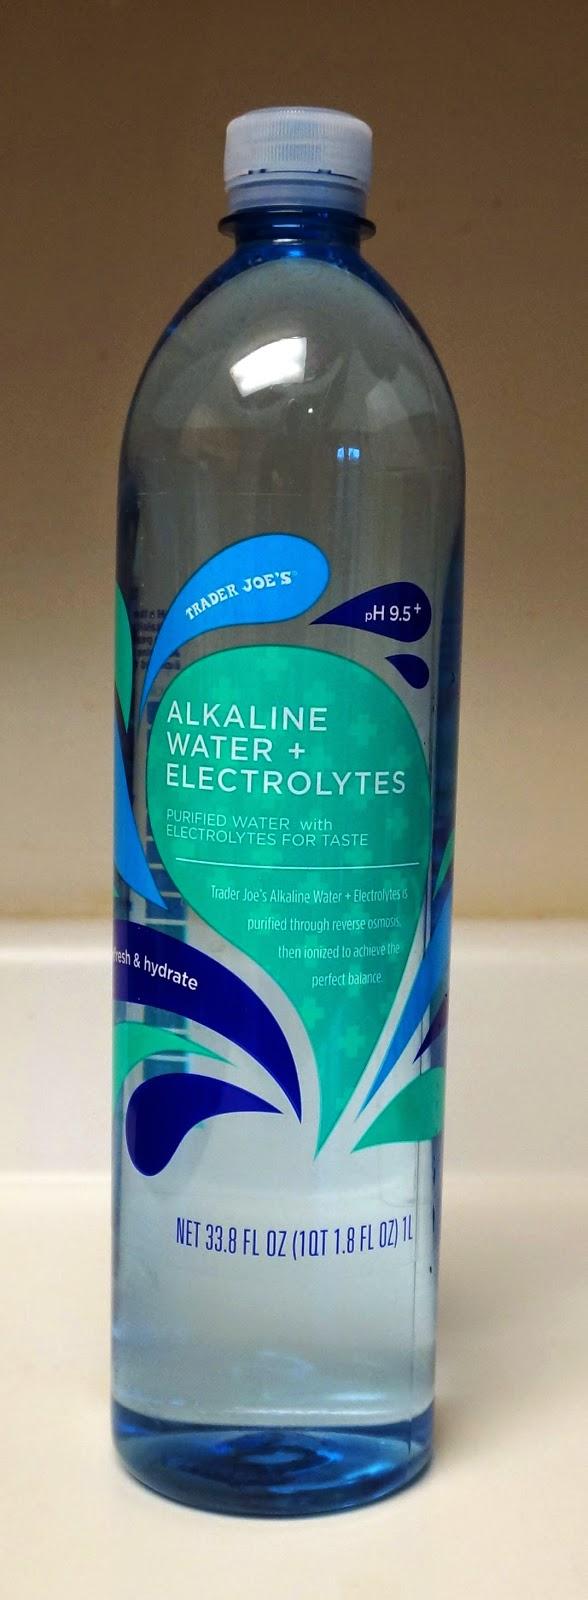 Exploring Trader Joe's: Trader Joe's Alkaline Water + Electrolytes